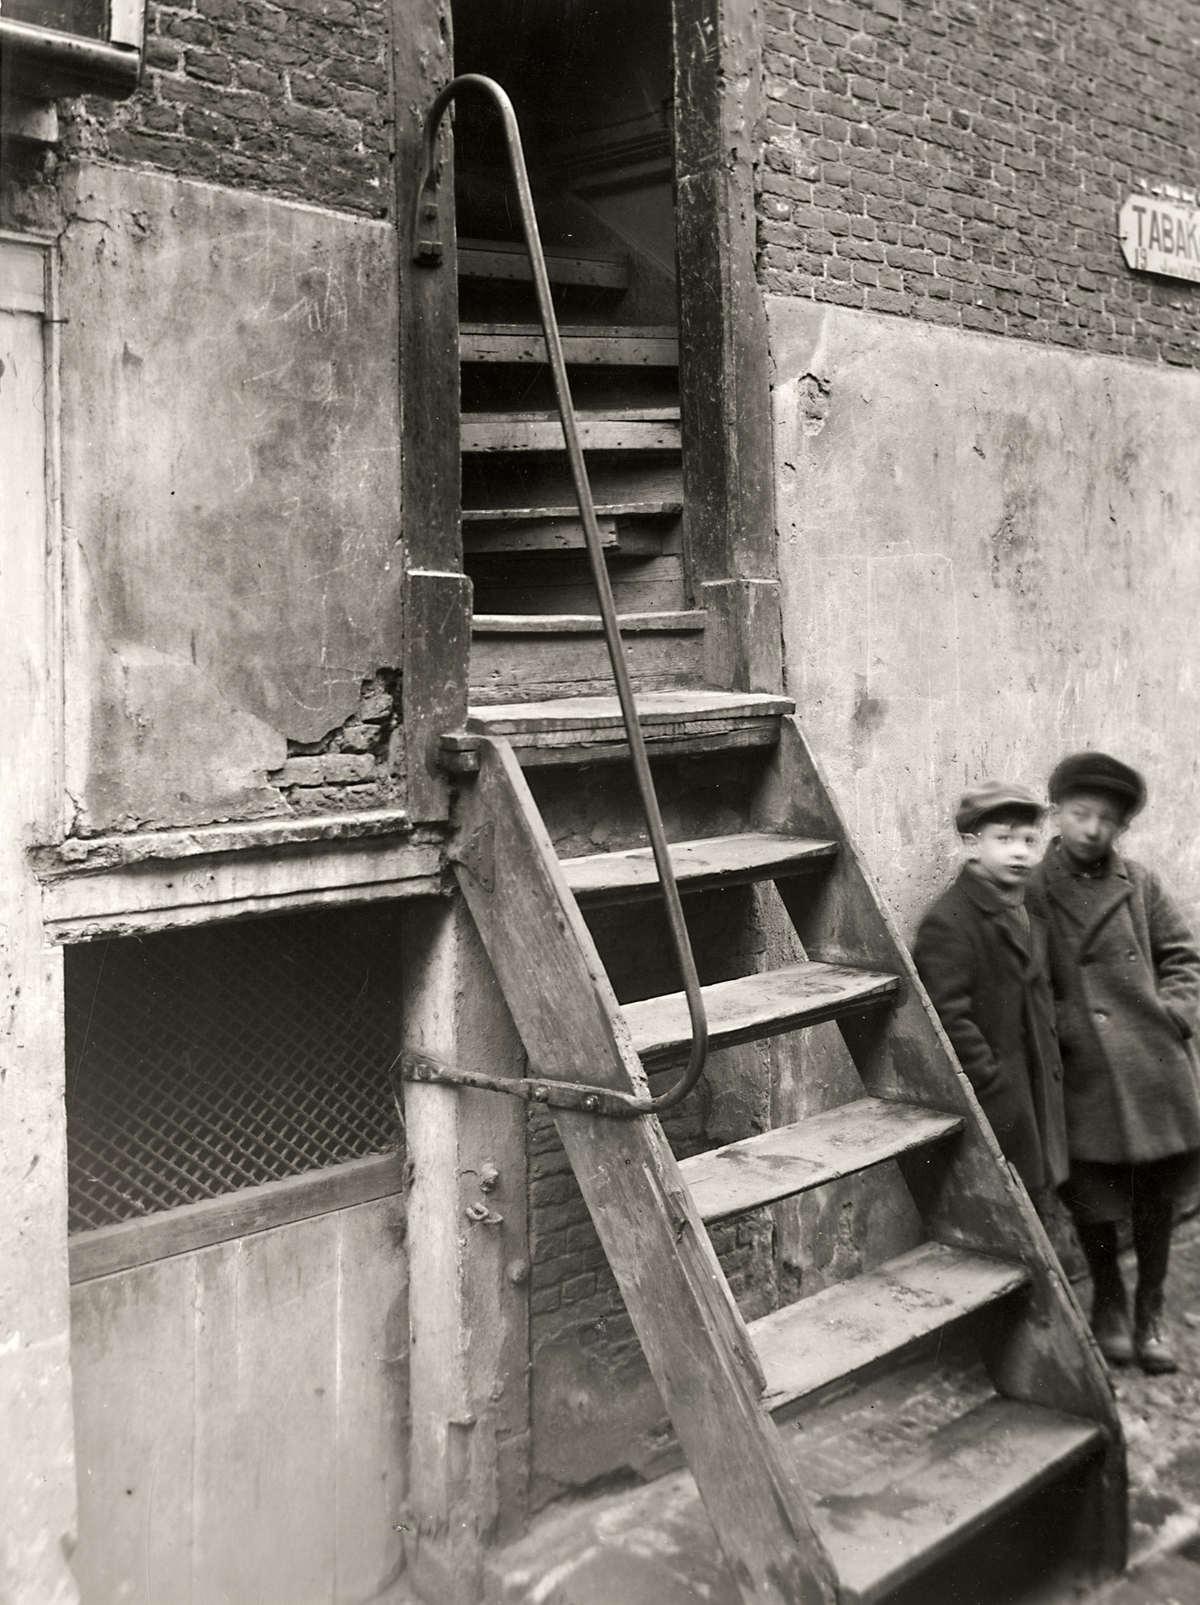 Krotten opgang trappenhuis van een krotwoning in de ridderstraat in amsterdam de twee jongens - Vervoeren van een trappenhuis ...